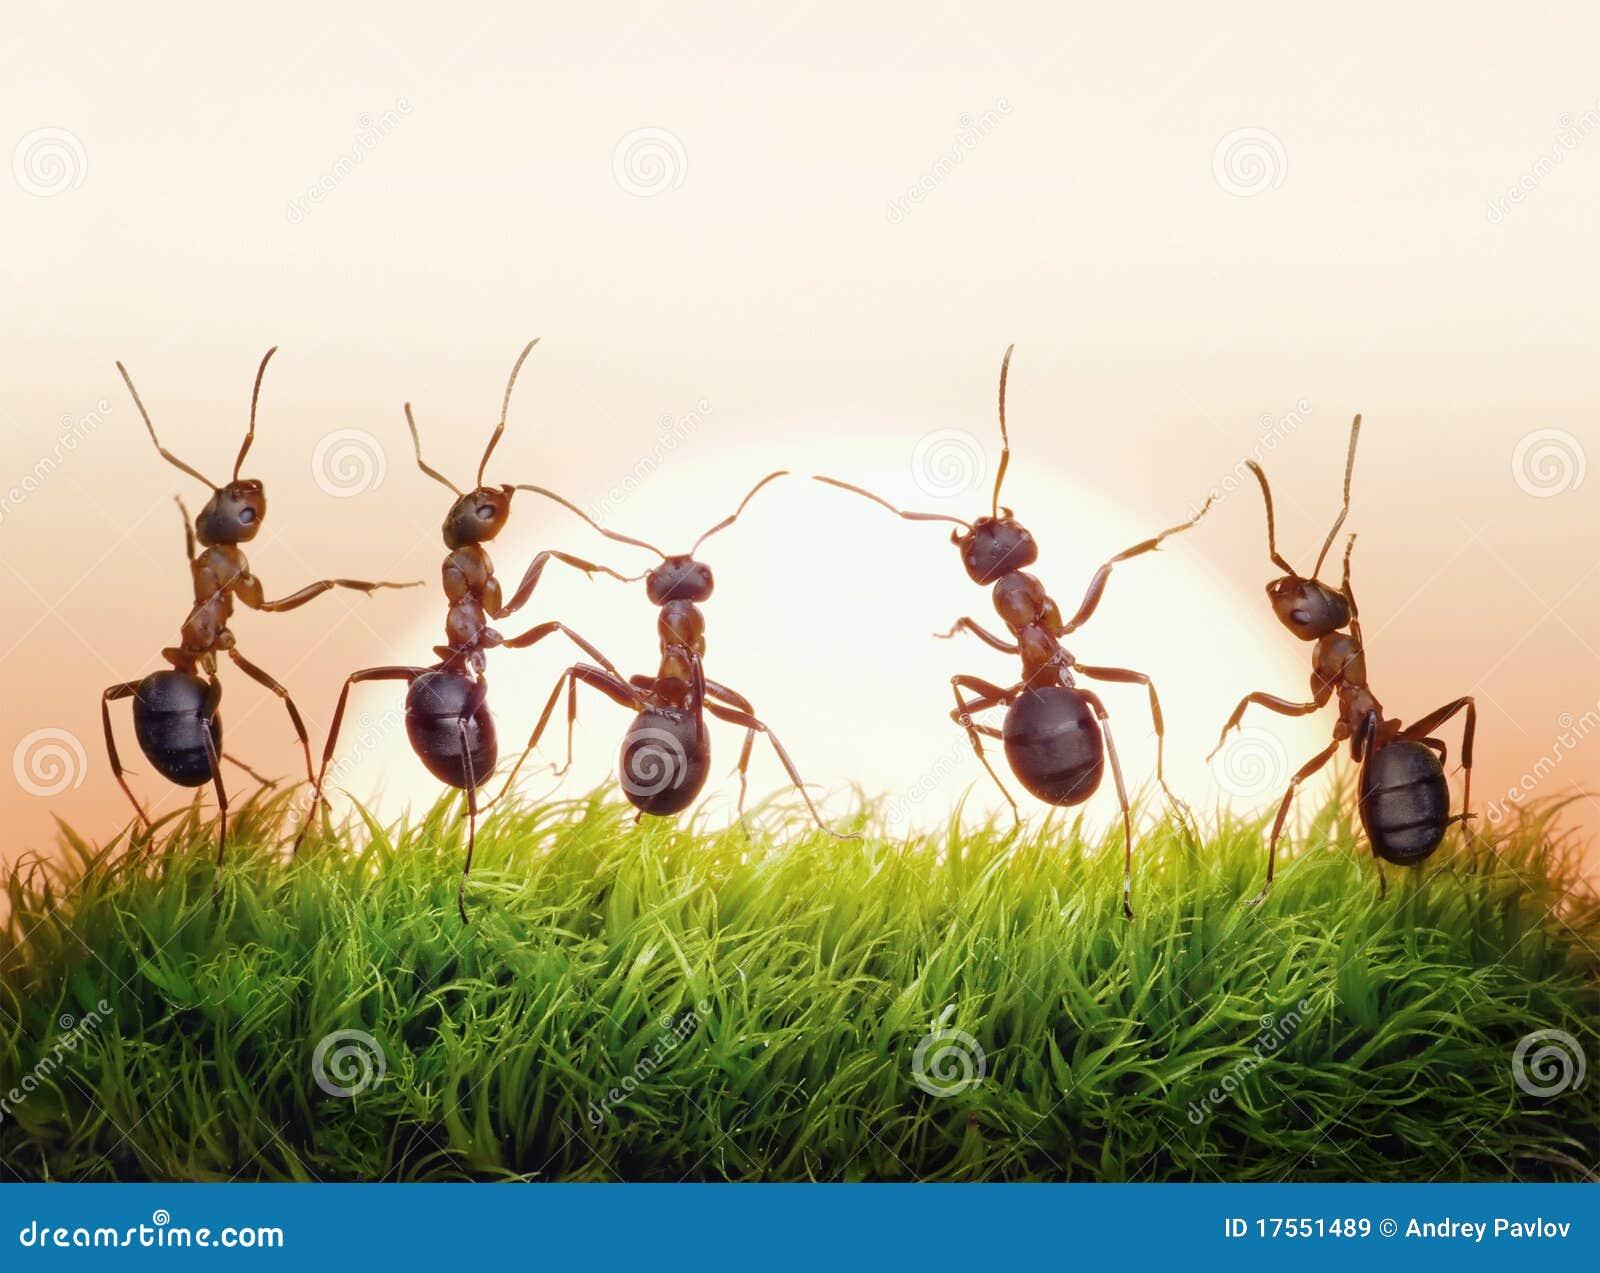 Salón Musical Reina de Corazones. - Página 21 Personas-de-hormigas-en-la-salida-del-sol-alegr%C3%ADa-de-la-vida-concepto-17551489